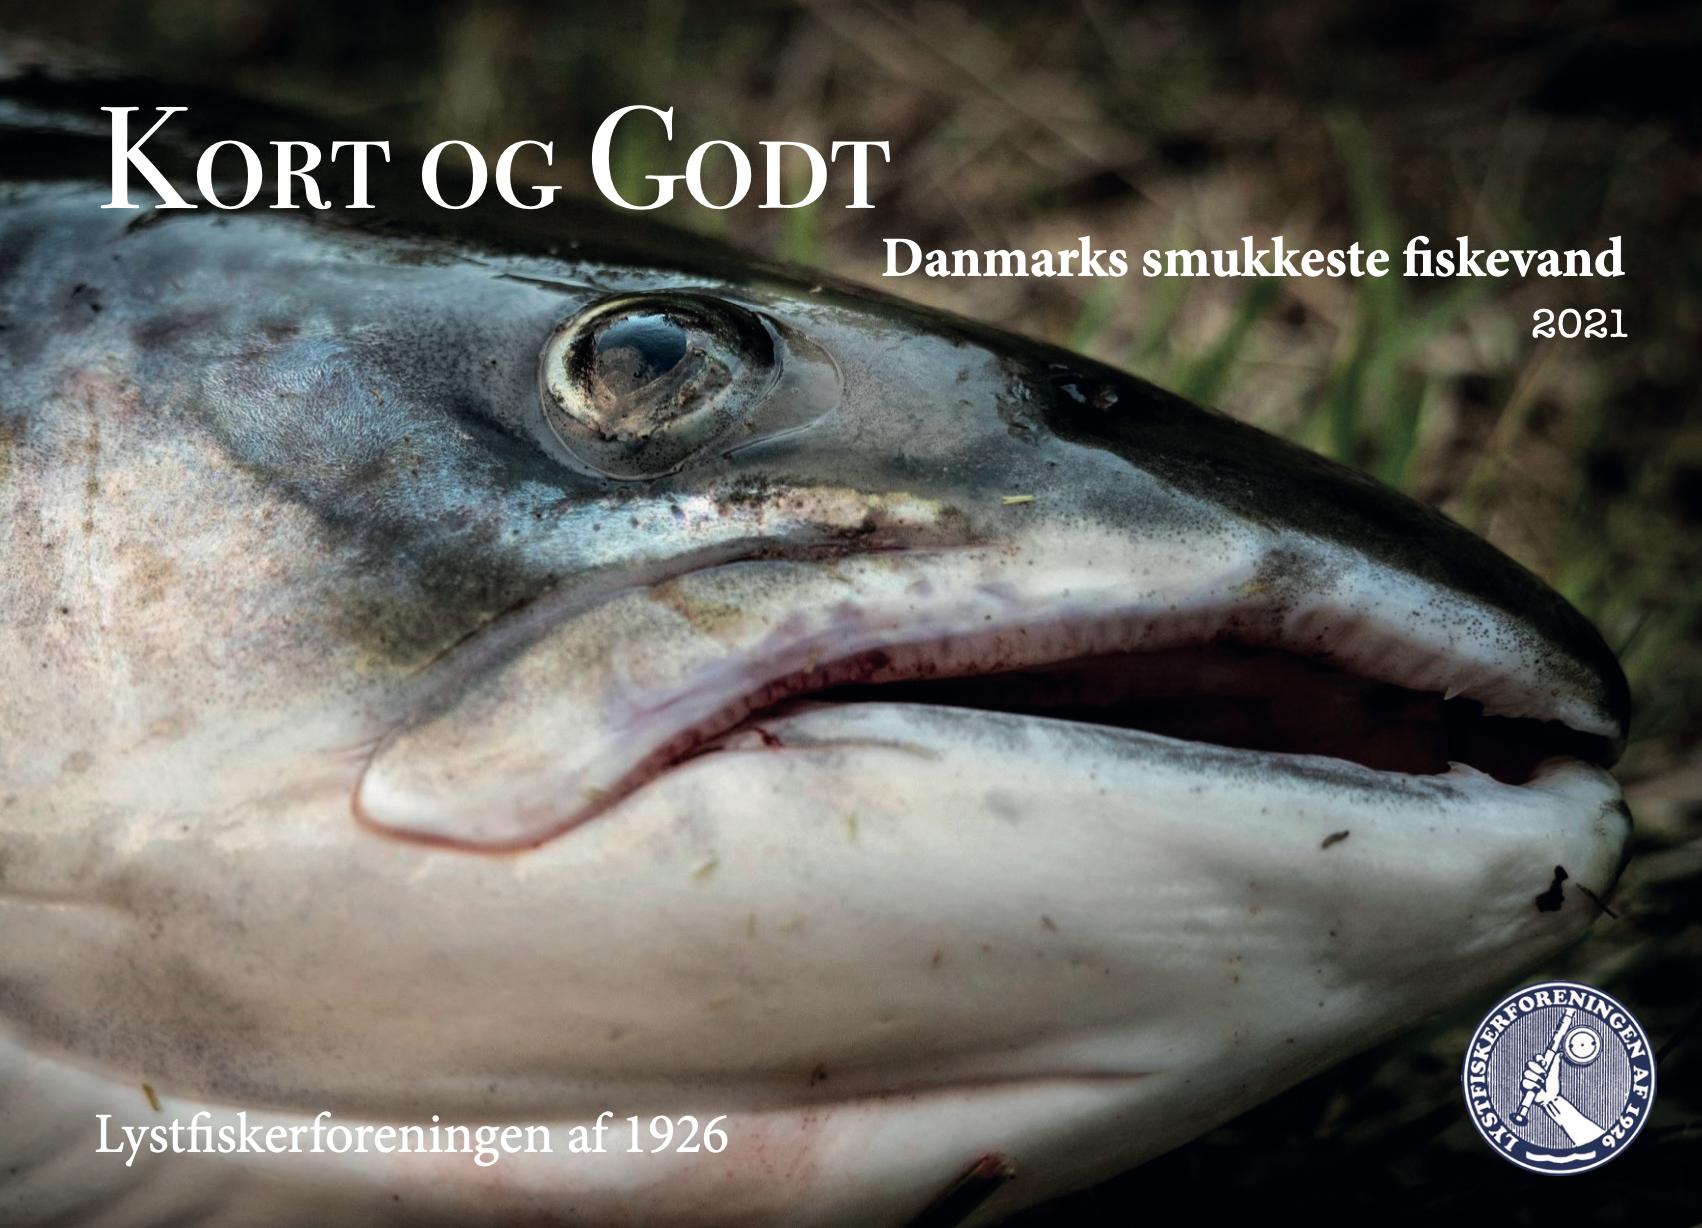 Lystfiskerforeningen af 1926 byder på Danmarks smukkeste fiskevand